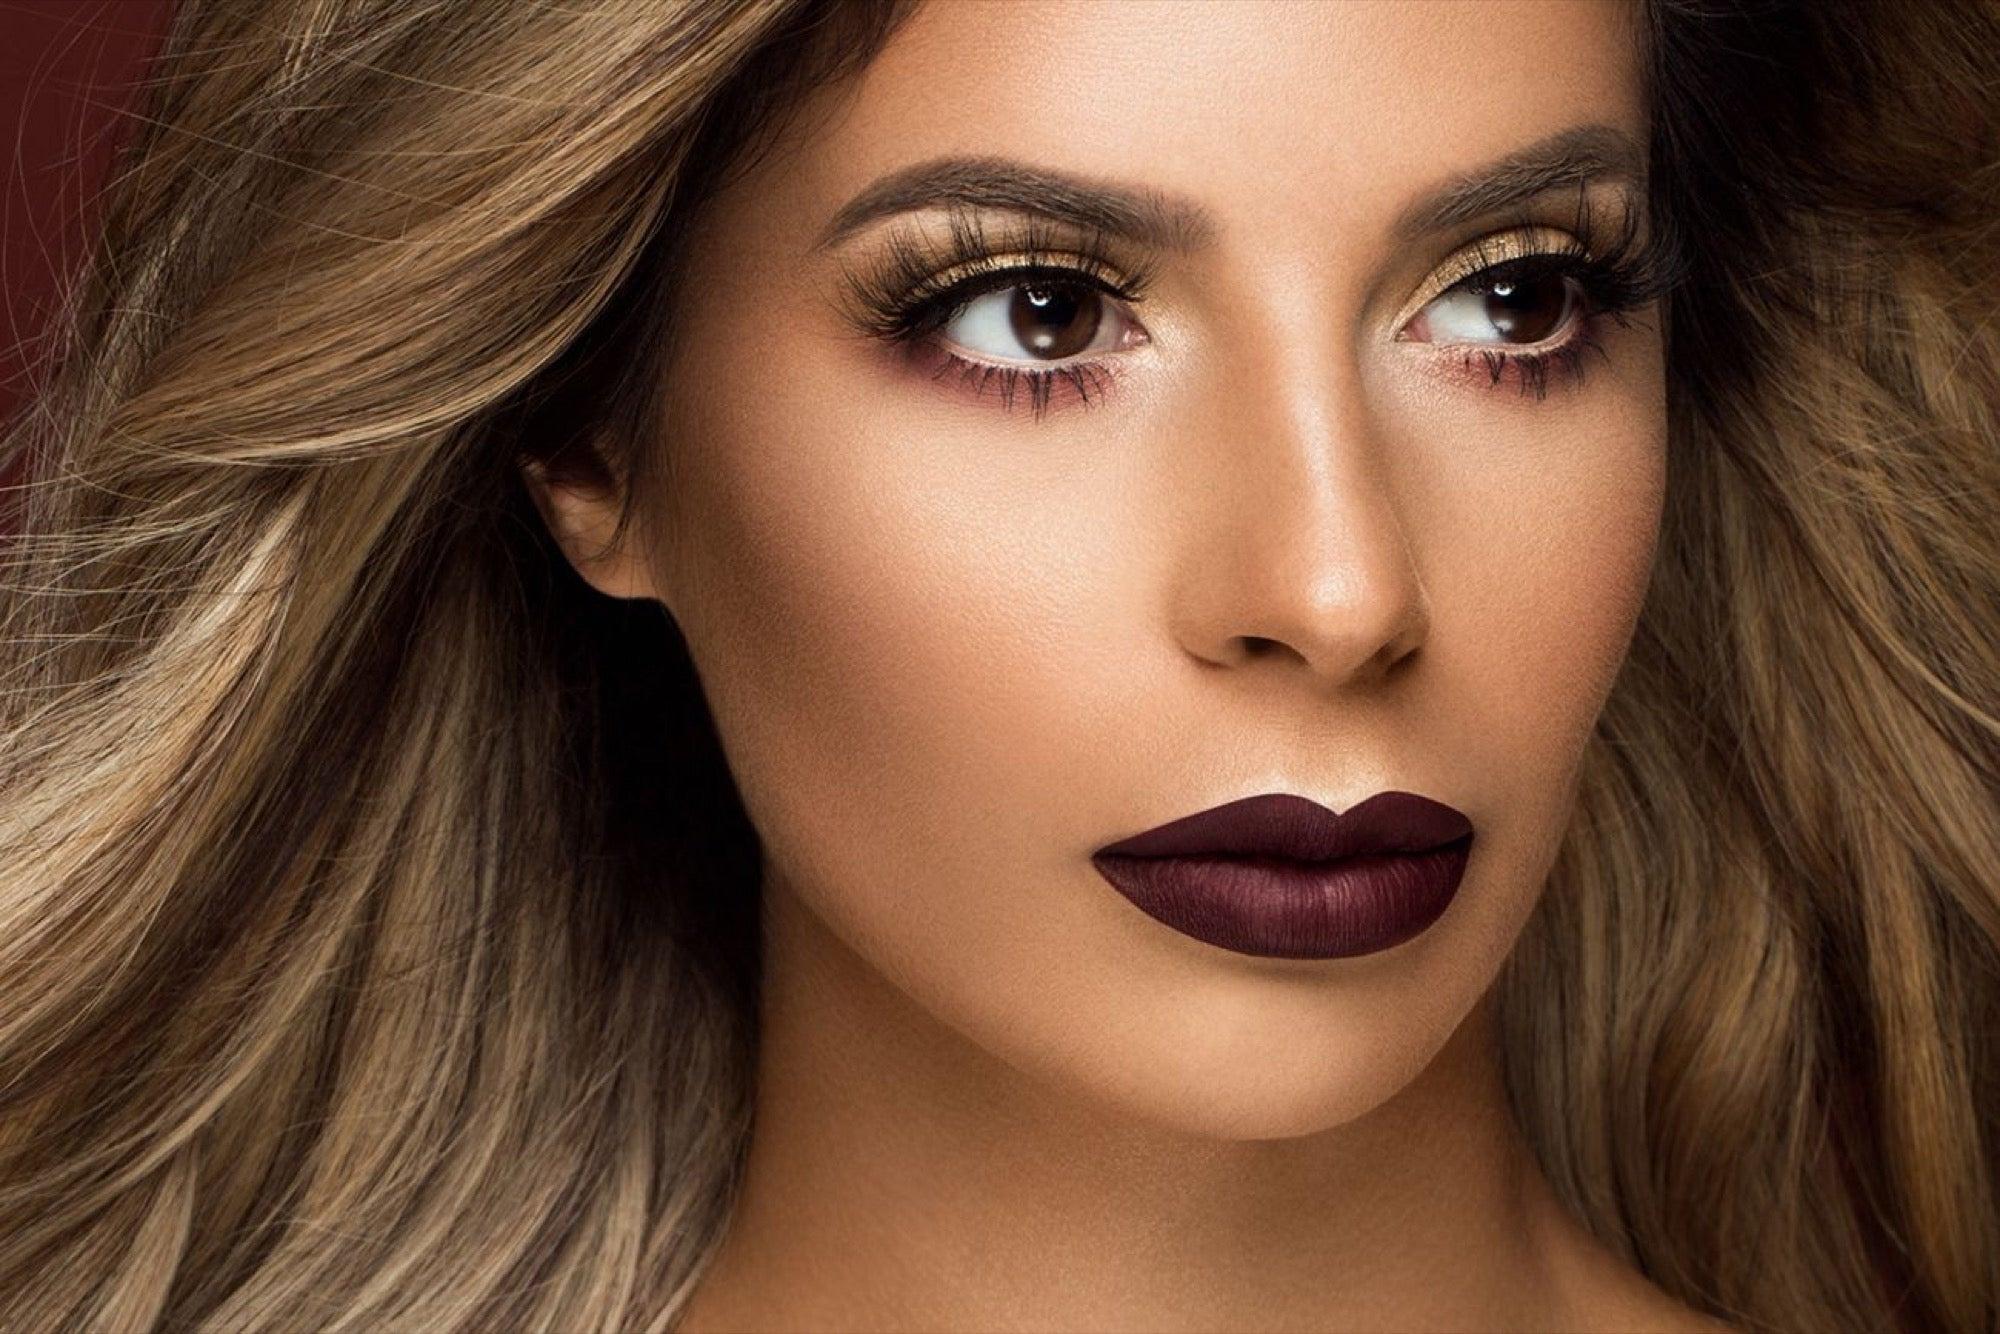 This Beauty Guru Turned Her Instagram